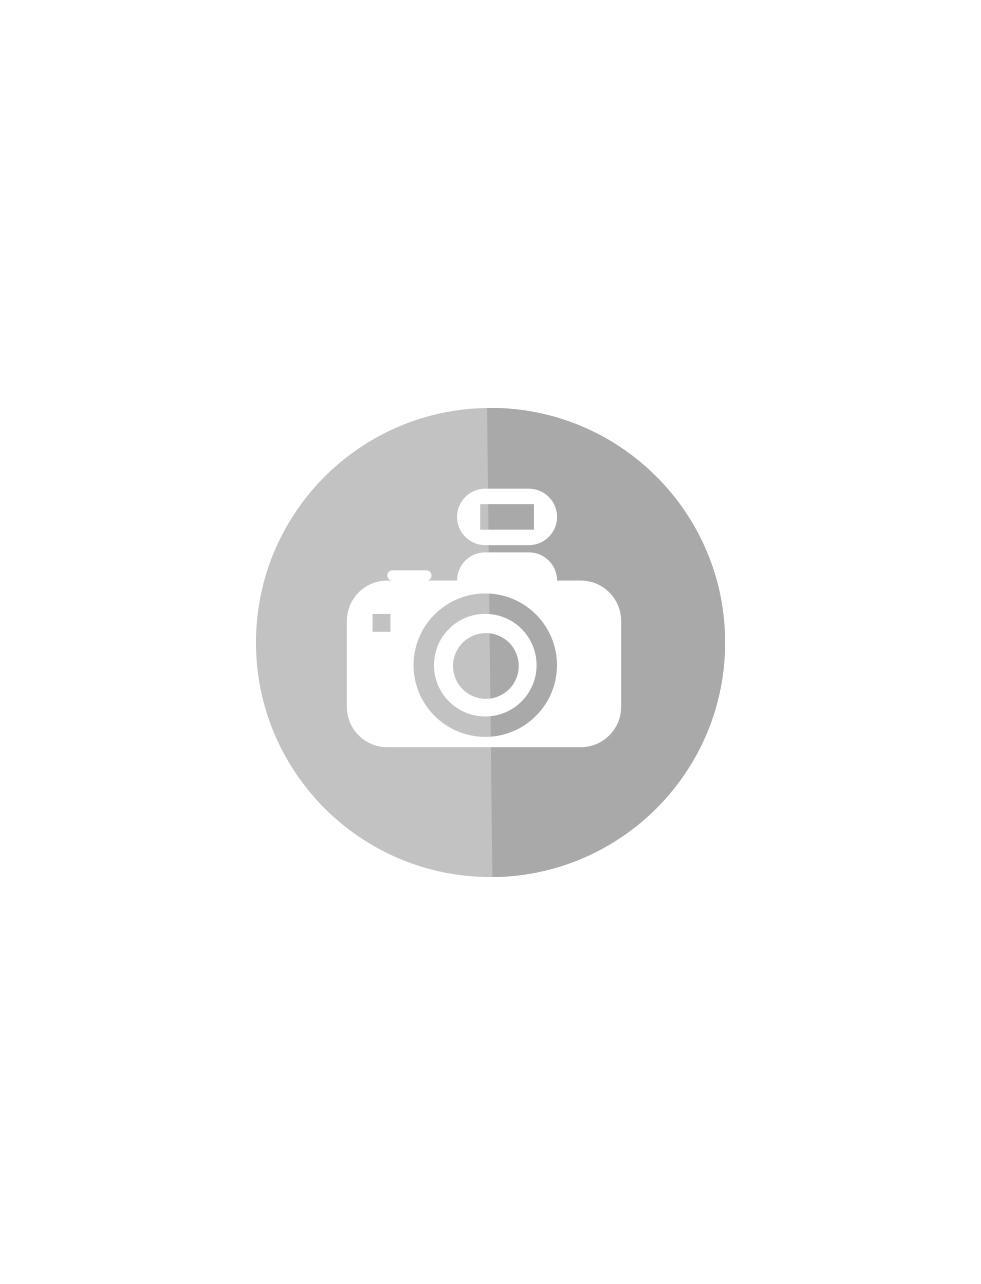 30246522_sparepart/Scheinwerfer-Halter 3 6